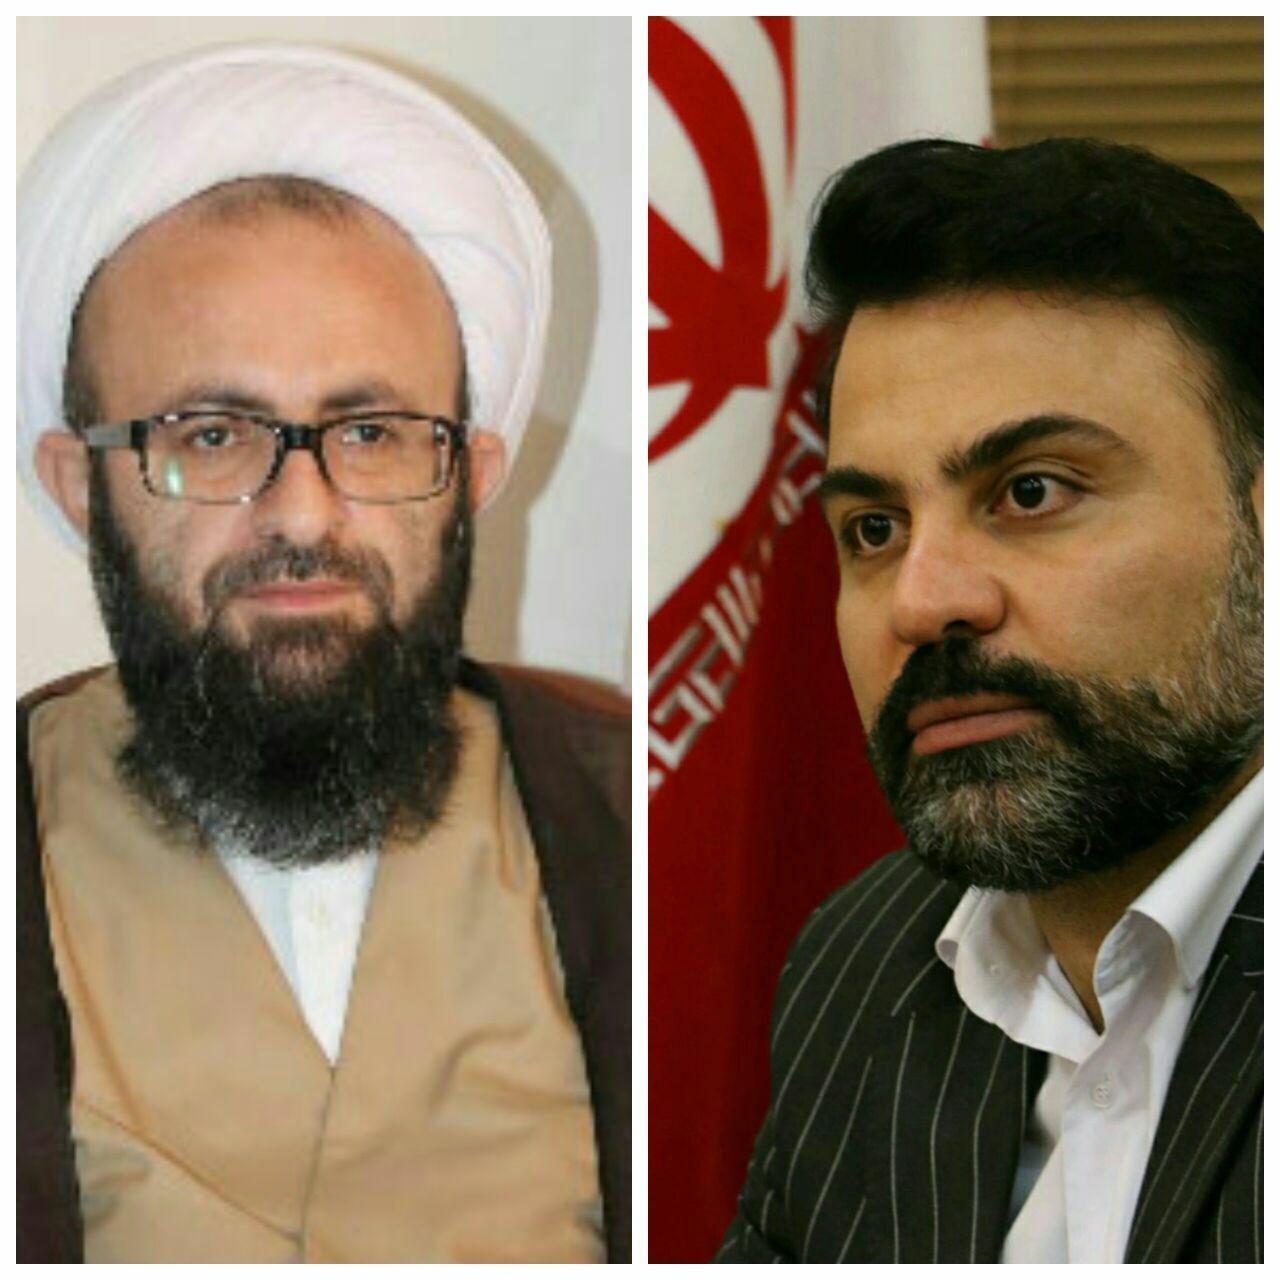 قدردانی امام جمعه پرند از پیگیری پروژه های عمرانی و برخورد جدی شهردار با ساخت و سازهای غیر مجاز